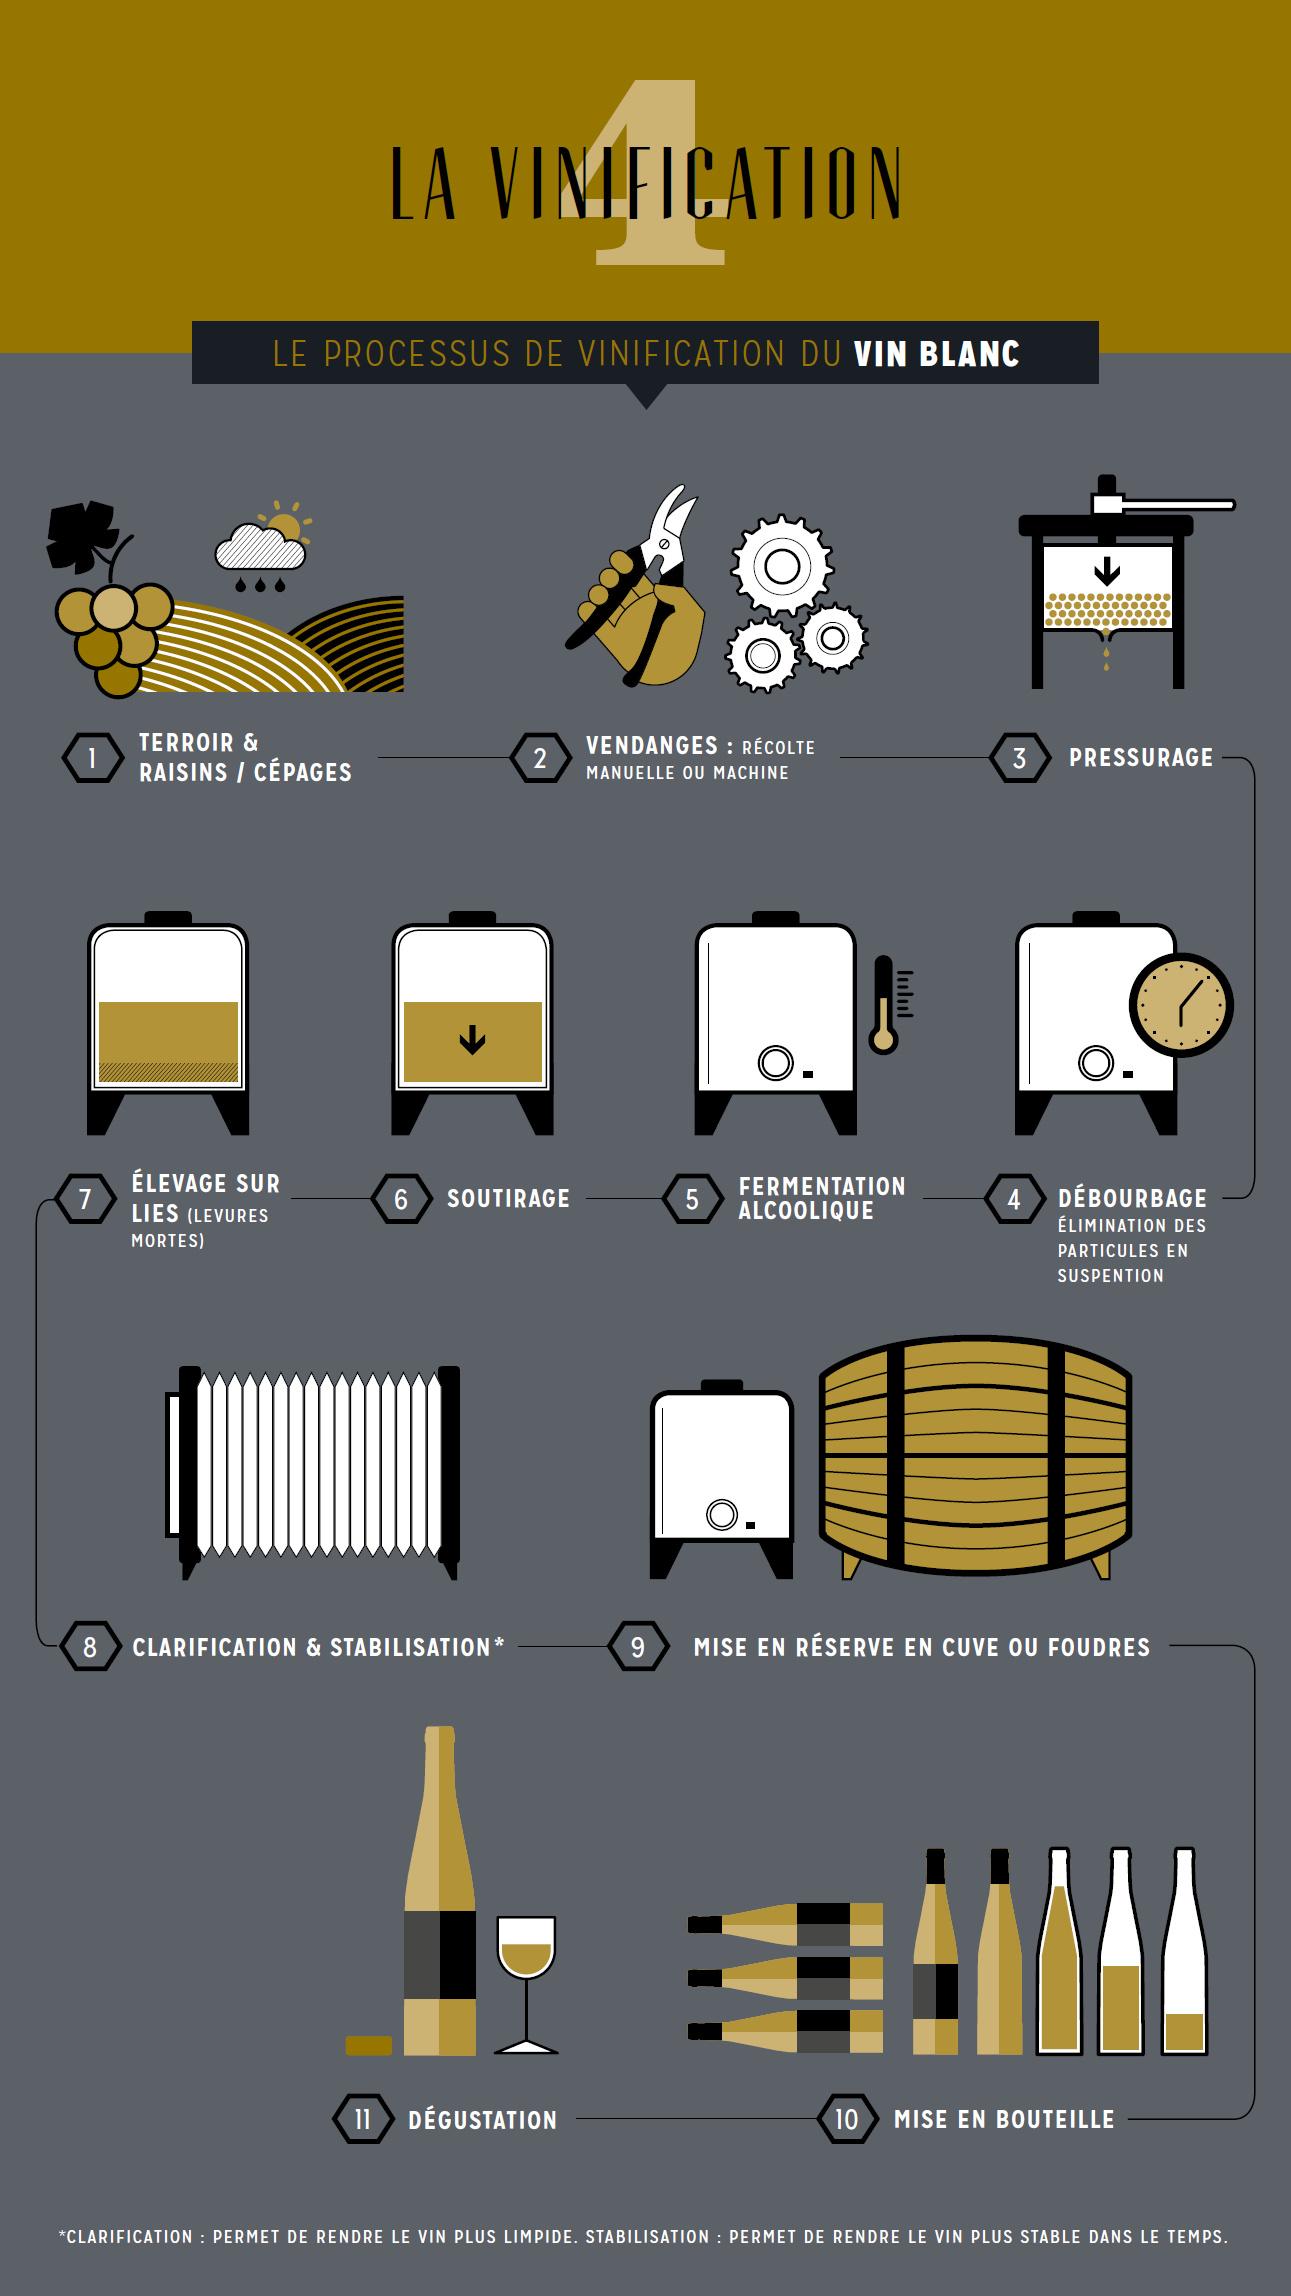 Le processus de vinification des vins blancs | Viticulture ...